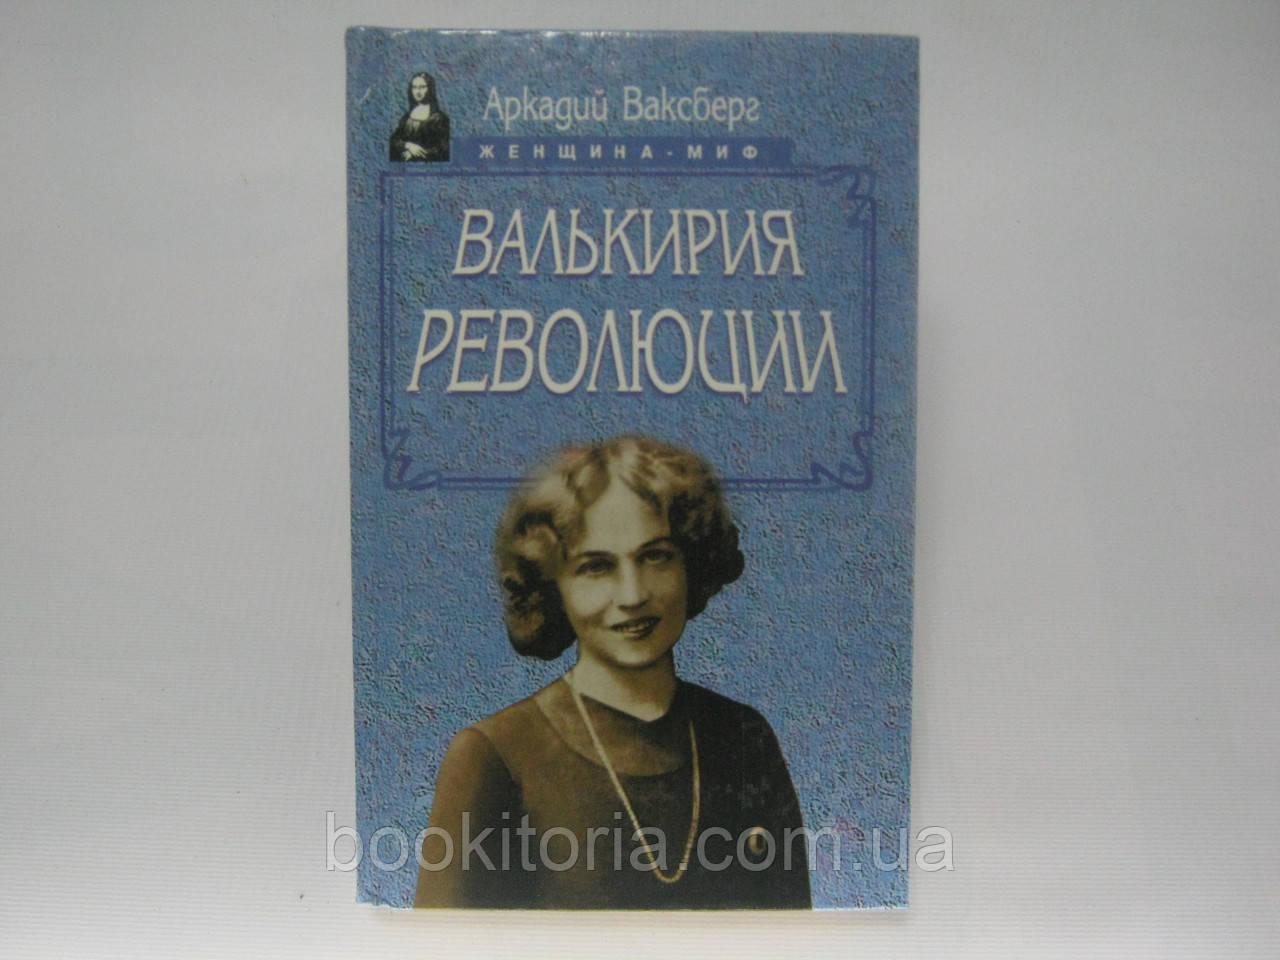 Ваксберг А. Валькирия революции (б/у).